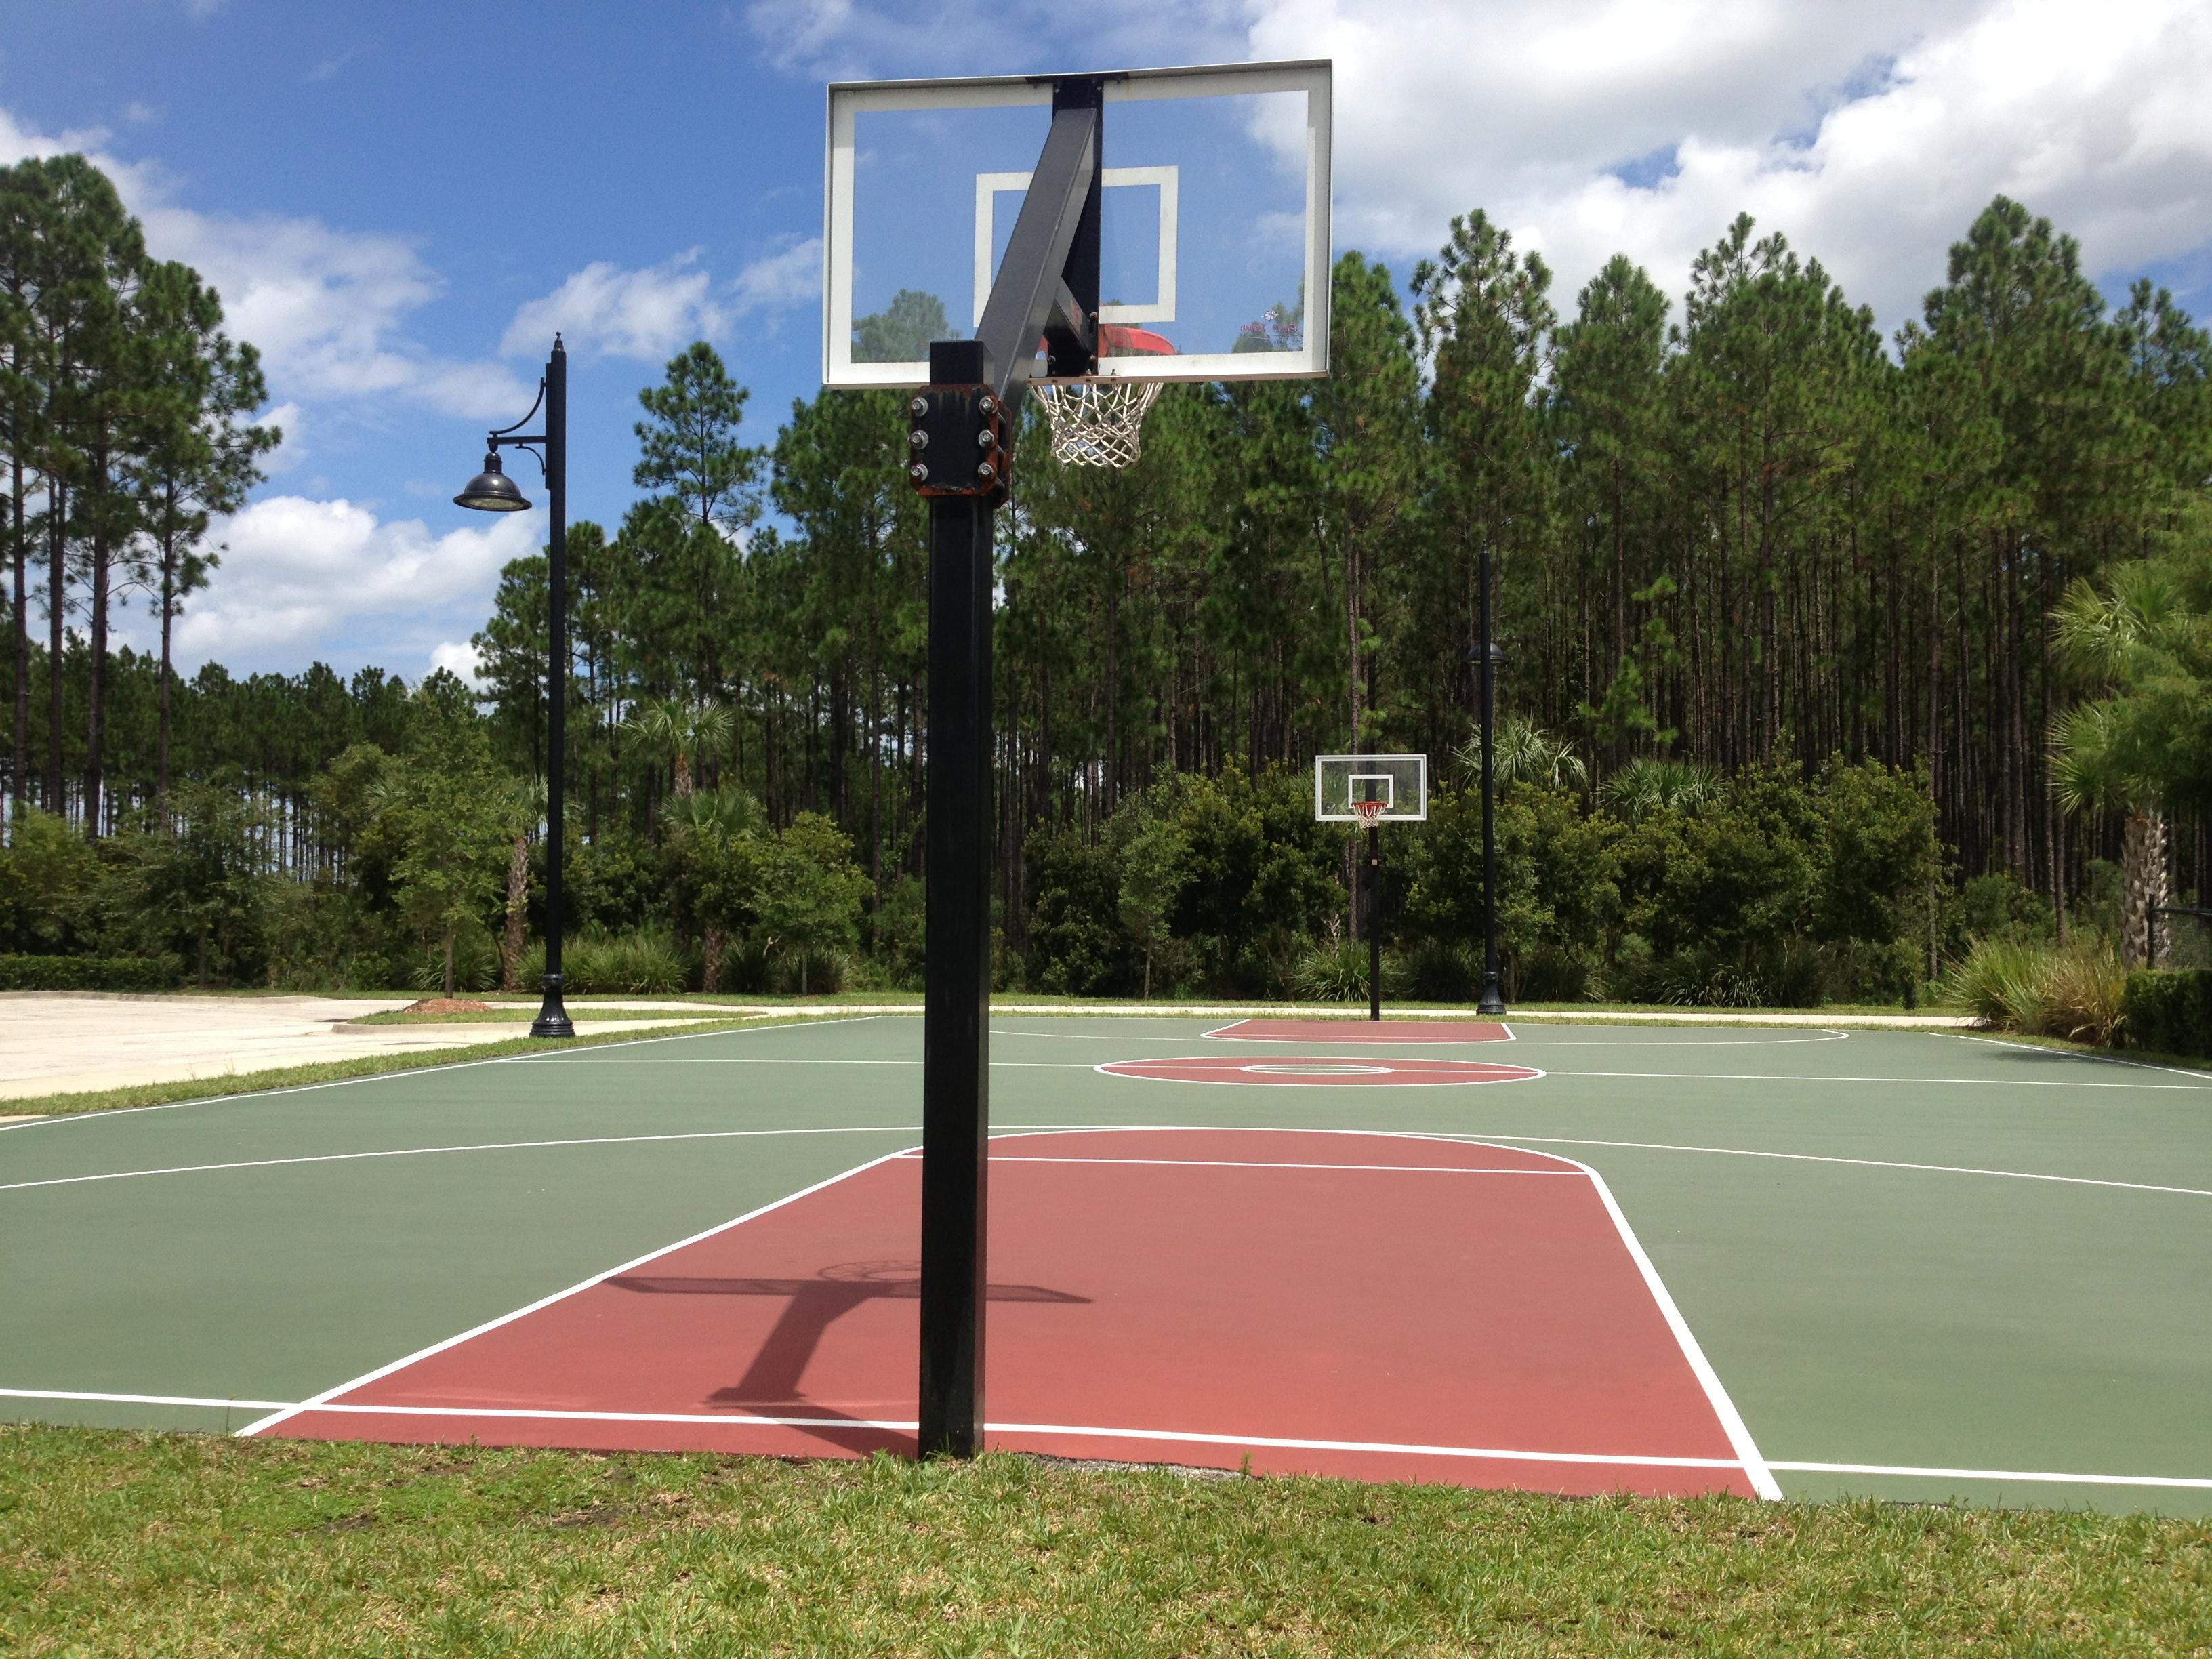 Playground & Basketball Court | Aberdeen CDD Neighborhood ...